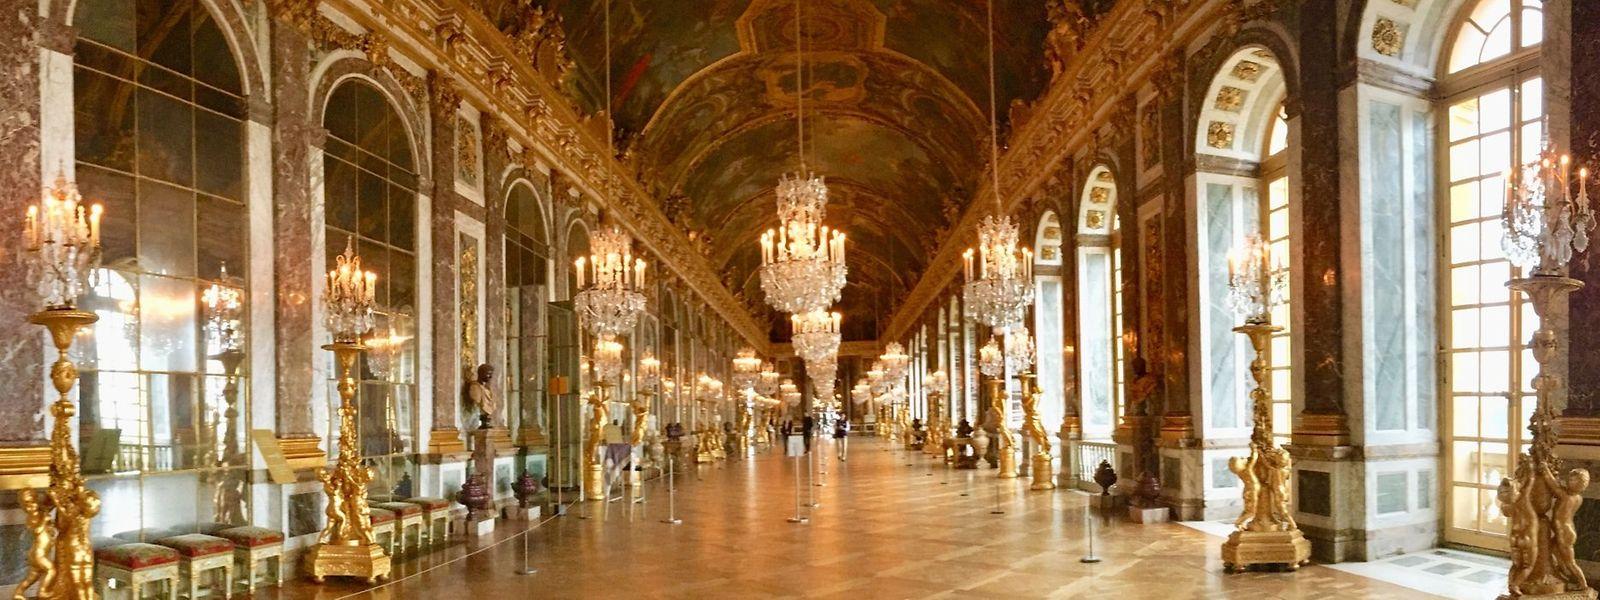 La fameuse Galerie des glaces du château de Versailles.